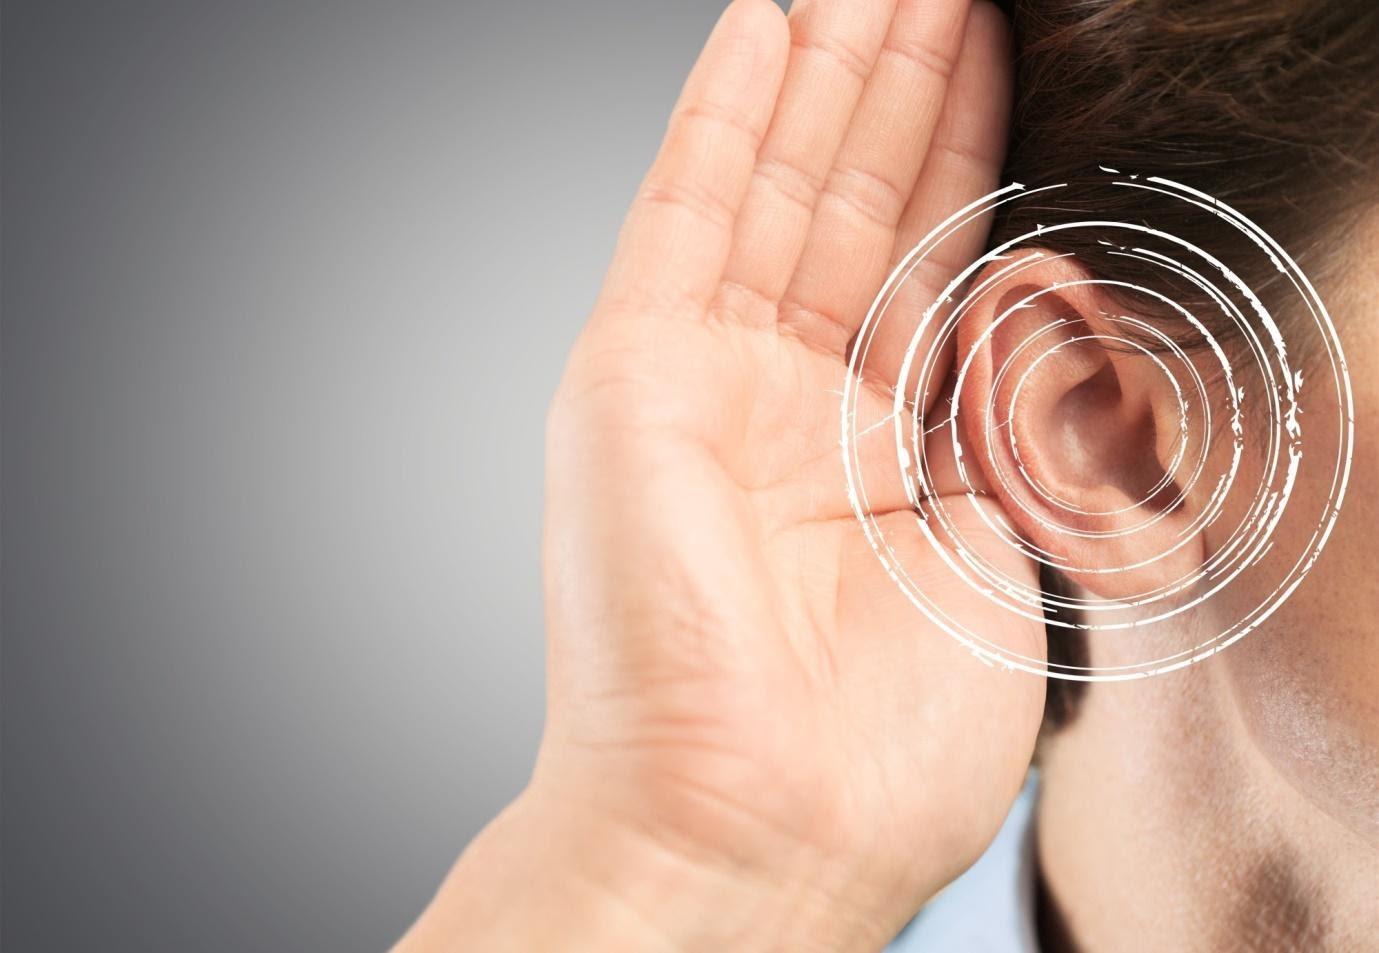 5 Signs You May Have Hearing Loss